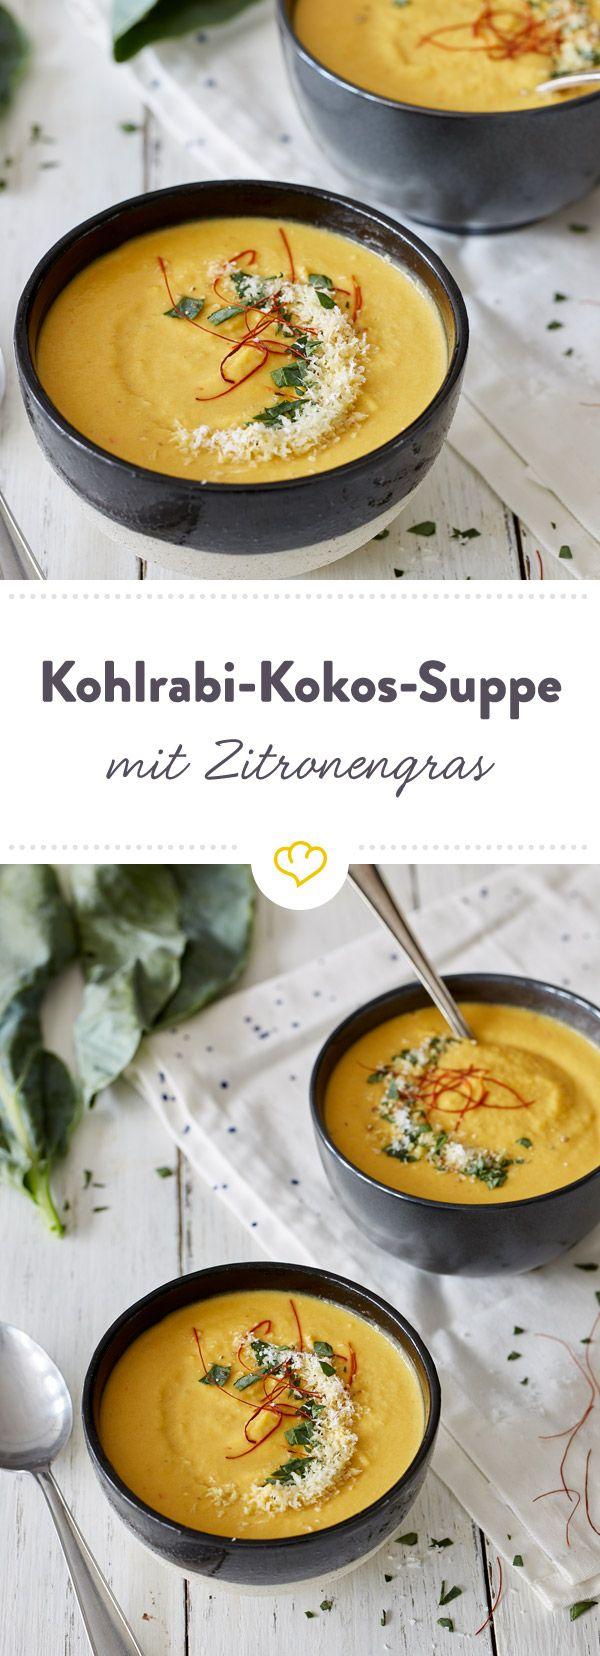 Kohlrabi-Möhren-Süßkartoffel-Ingwer-Chili-Kokos-Suppe mit Zitronengr - ein übertrieben langer Titel für eine übertrieben leckere Suppe..